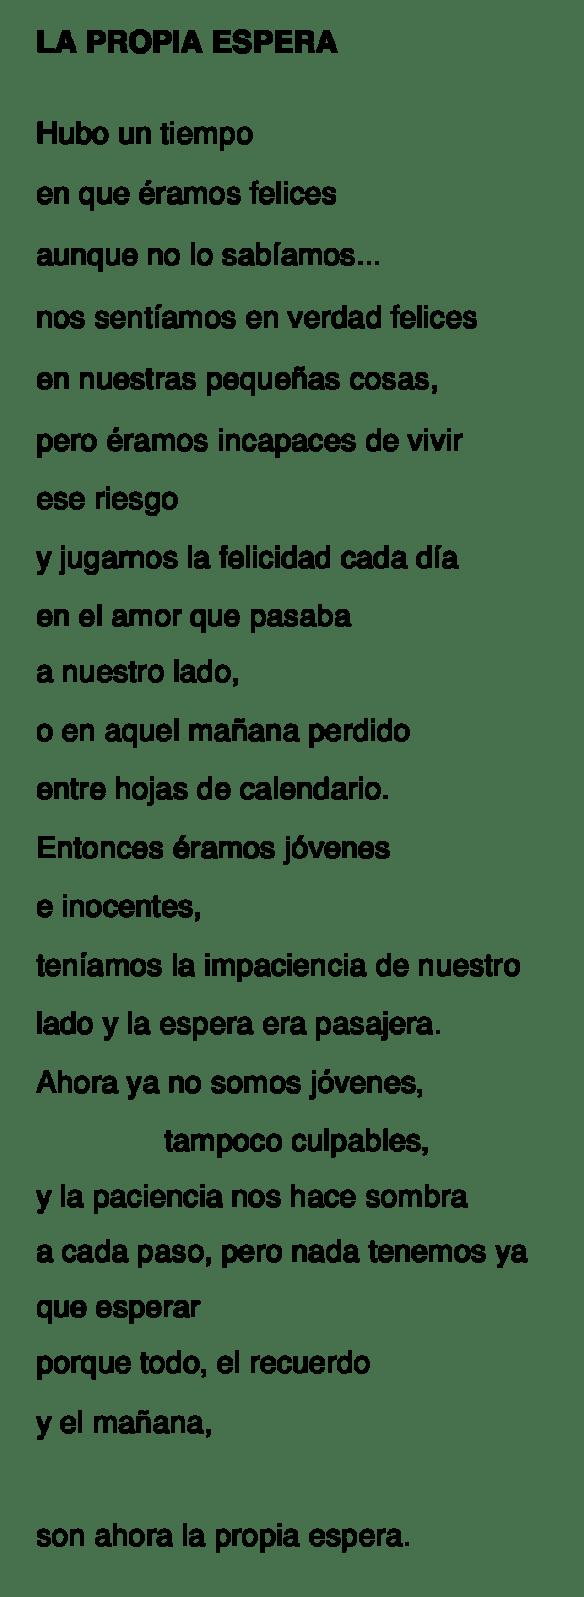 LA PROPIA ESPERA-MLA-29-1-15-P